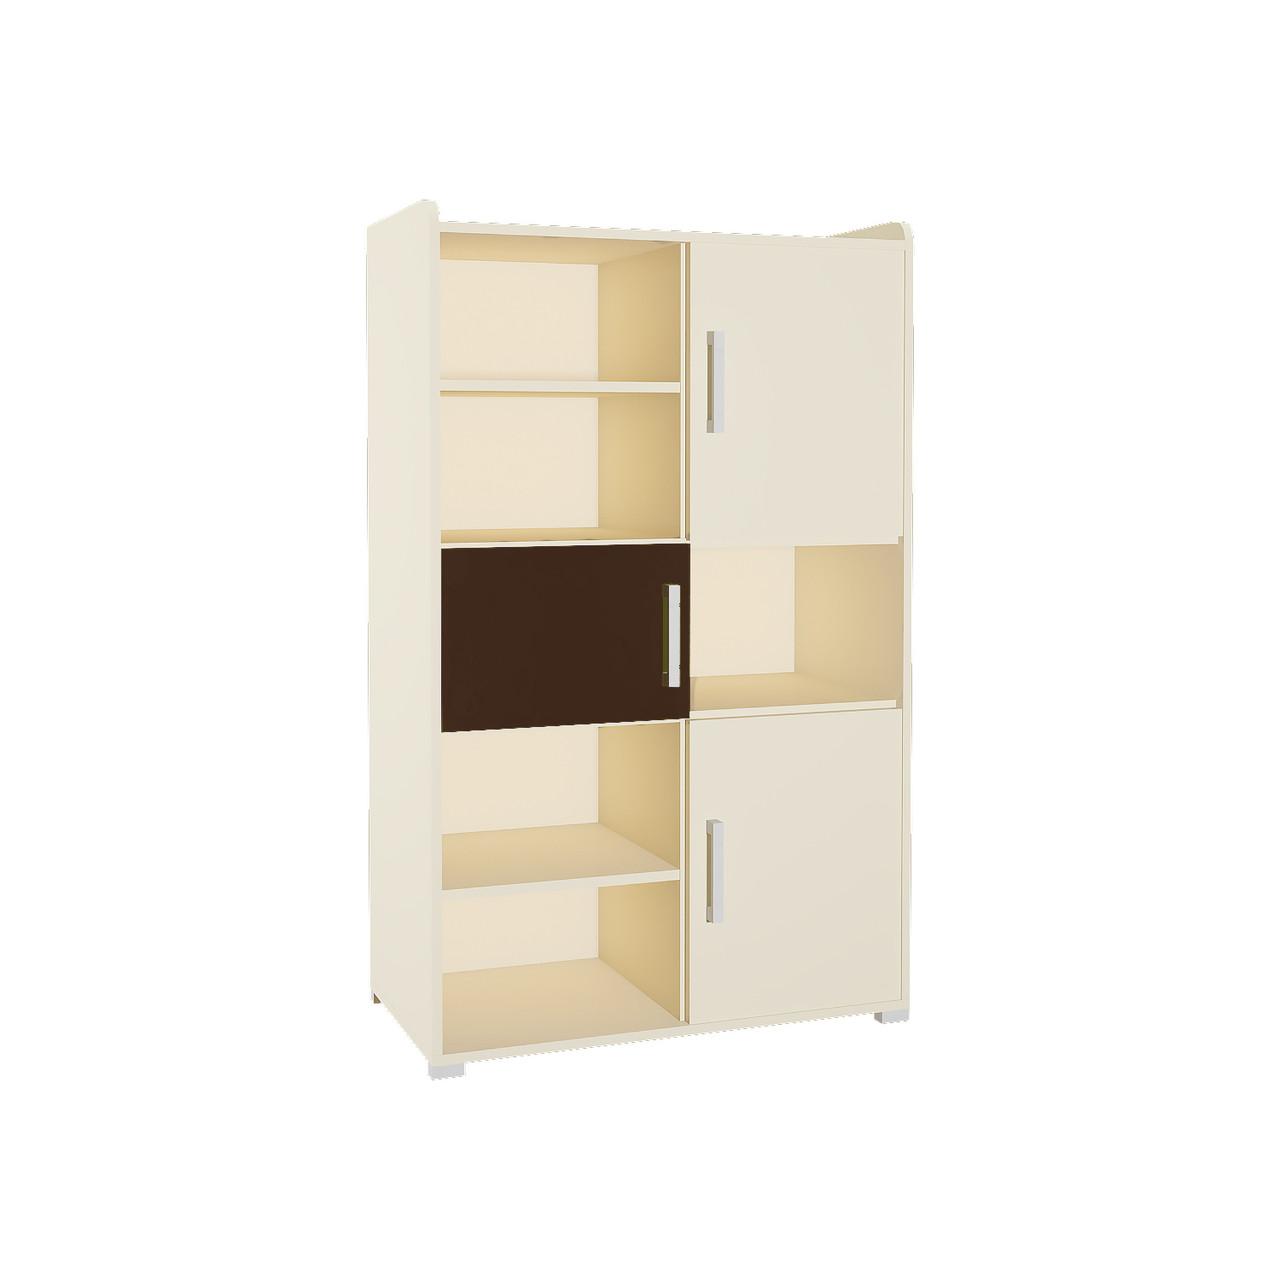 Шафа в дитячу кімнату з ДСП/МДФ для книг SMART 4 Blonski пісочний+шоколад